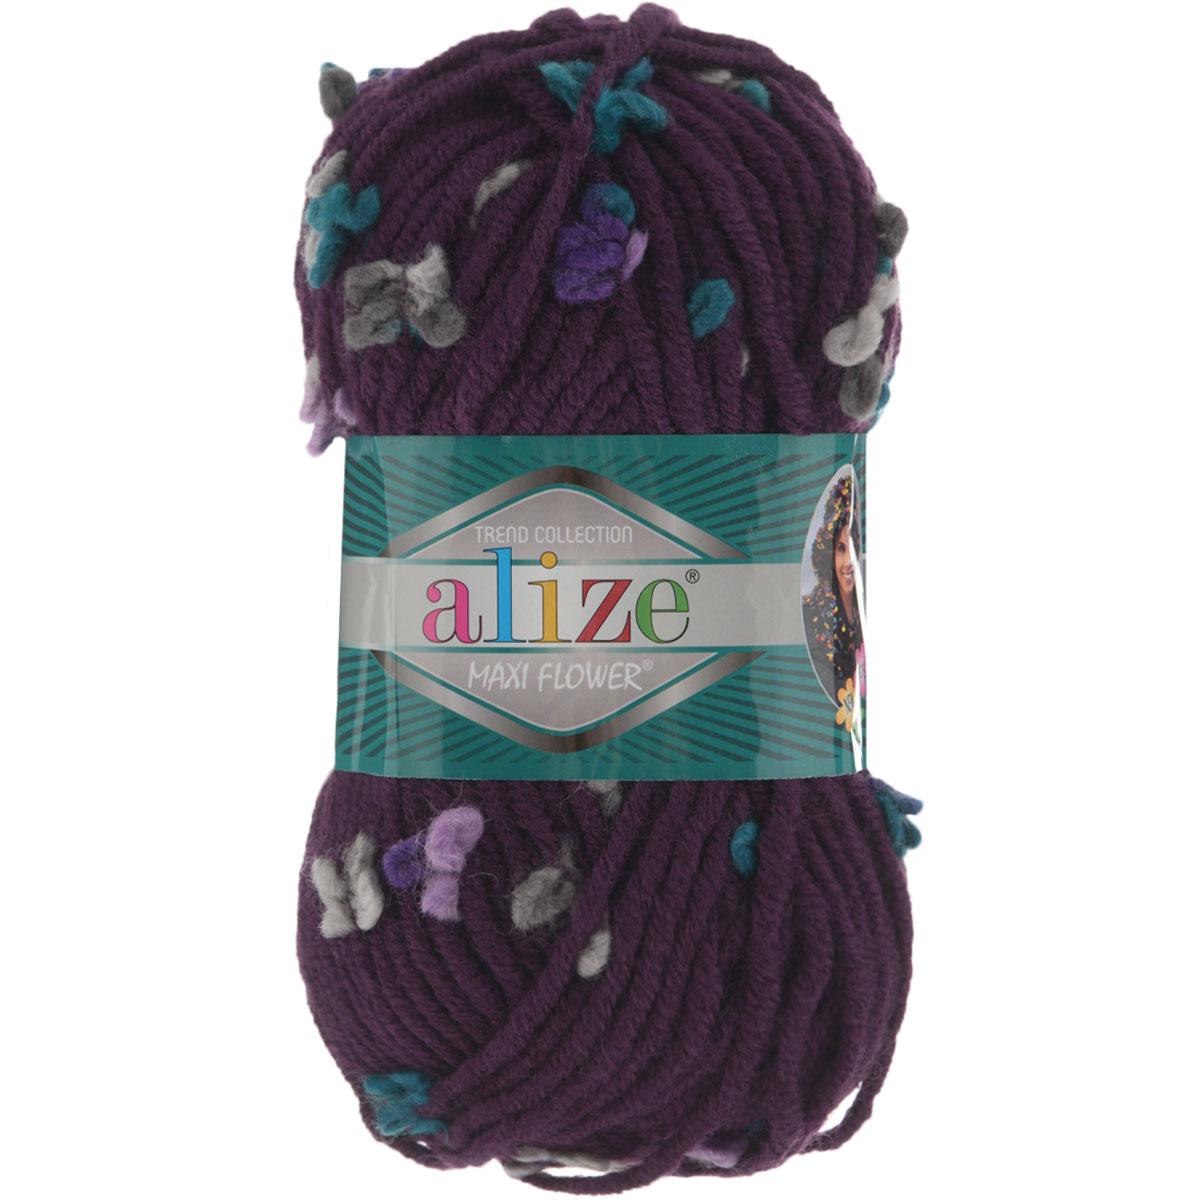 Пряжа для вязания Alize Flower, цвет: фуксия, зеленый, розовый (5083), 80 м, 100 г, 5 шт693451_5083Пряжа для вязания Alize Flower - это однотонная ровная нить, которая состоит из шерсти и акрила, с пришитыми по всей длине маленькими шерстяными разноцветными цветочками. Скручена нитка слабо, цветочки друг от друга находятся на одинаковом расстоянии и крепятся одной из ниток довольно прочно. Пряжа достаточно комфортная, и приятная, легко распускается и позволяет перевязывать изделия, если вы аккуратно обходились с цветочками. Нитки прочные, сохраняют свою скрученность, не расслаиваются. Эта оригинальная пряжа будет хорошо смотреться на всевозможных детских изделиях - жилетах, платьицах, а также хорошо ею вязать шапки, шарфы, снуды. Предназначена для ручного вязания спицами, теплая и мягкая. Рекомендованные спицы № 7-10, крючок № 6-7. Состав: 70% акрил, 25% шерсть, 5% полиамид.